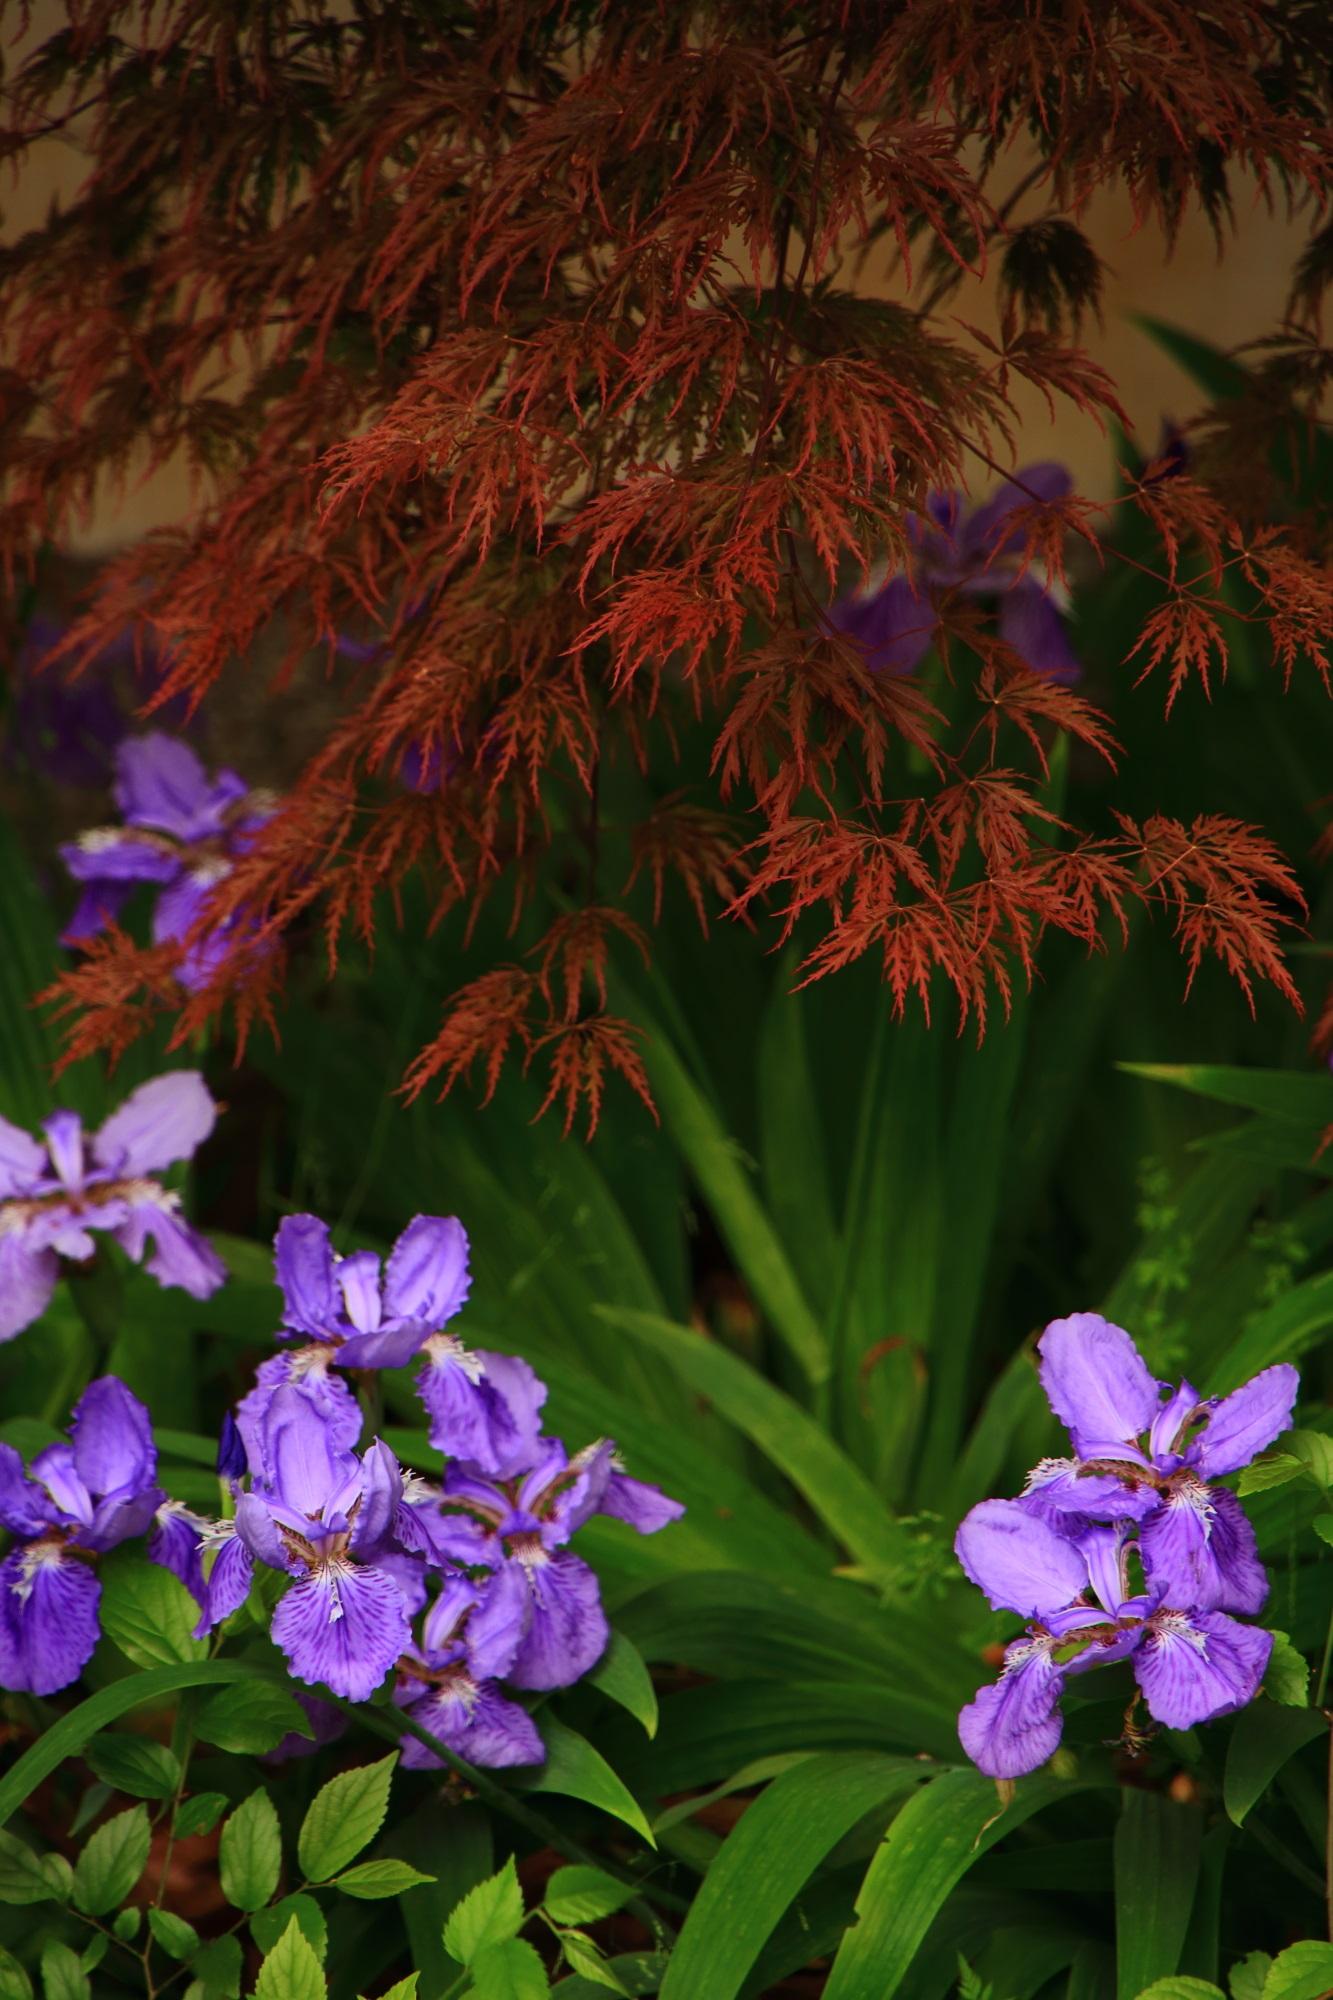 上御霊神社の素晴らしい一初(イチハツ)と春の情景